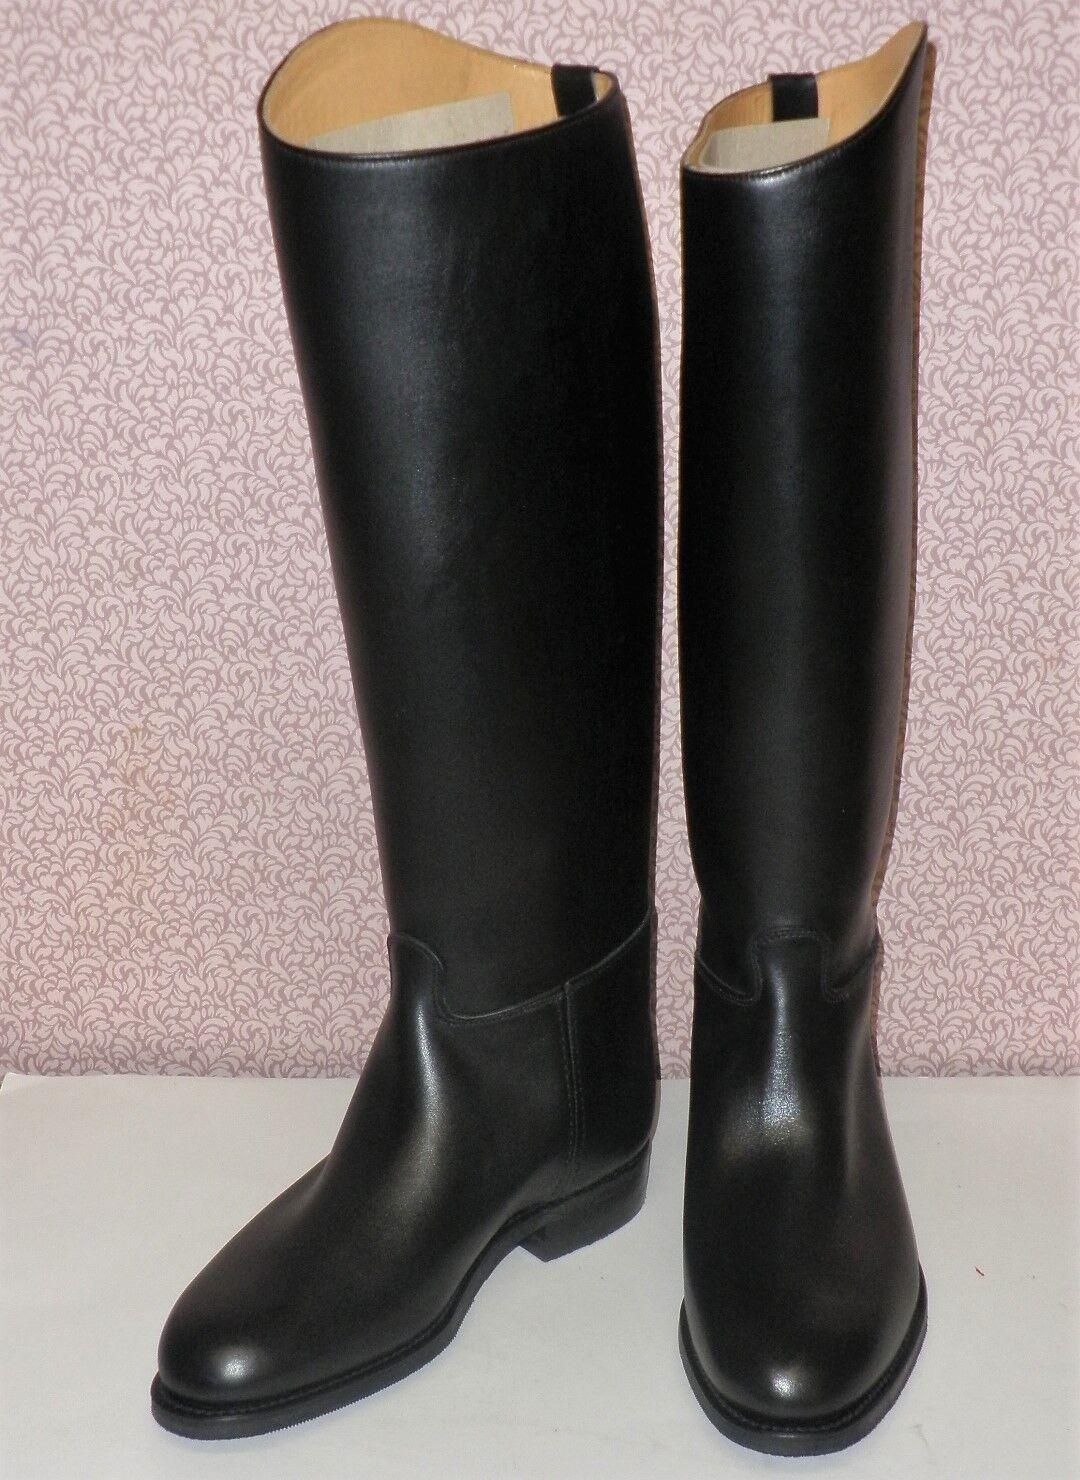 Regent pro euro Negro Cuero Inglés Largo botas De Montar Varios Tamaños Disponibles